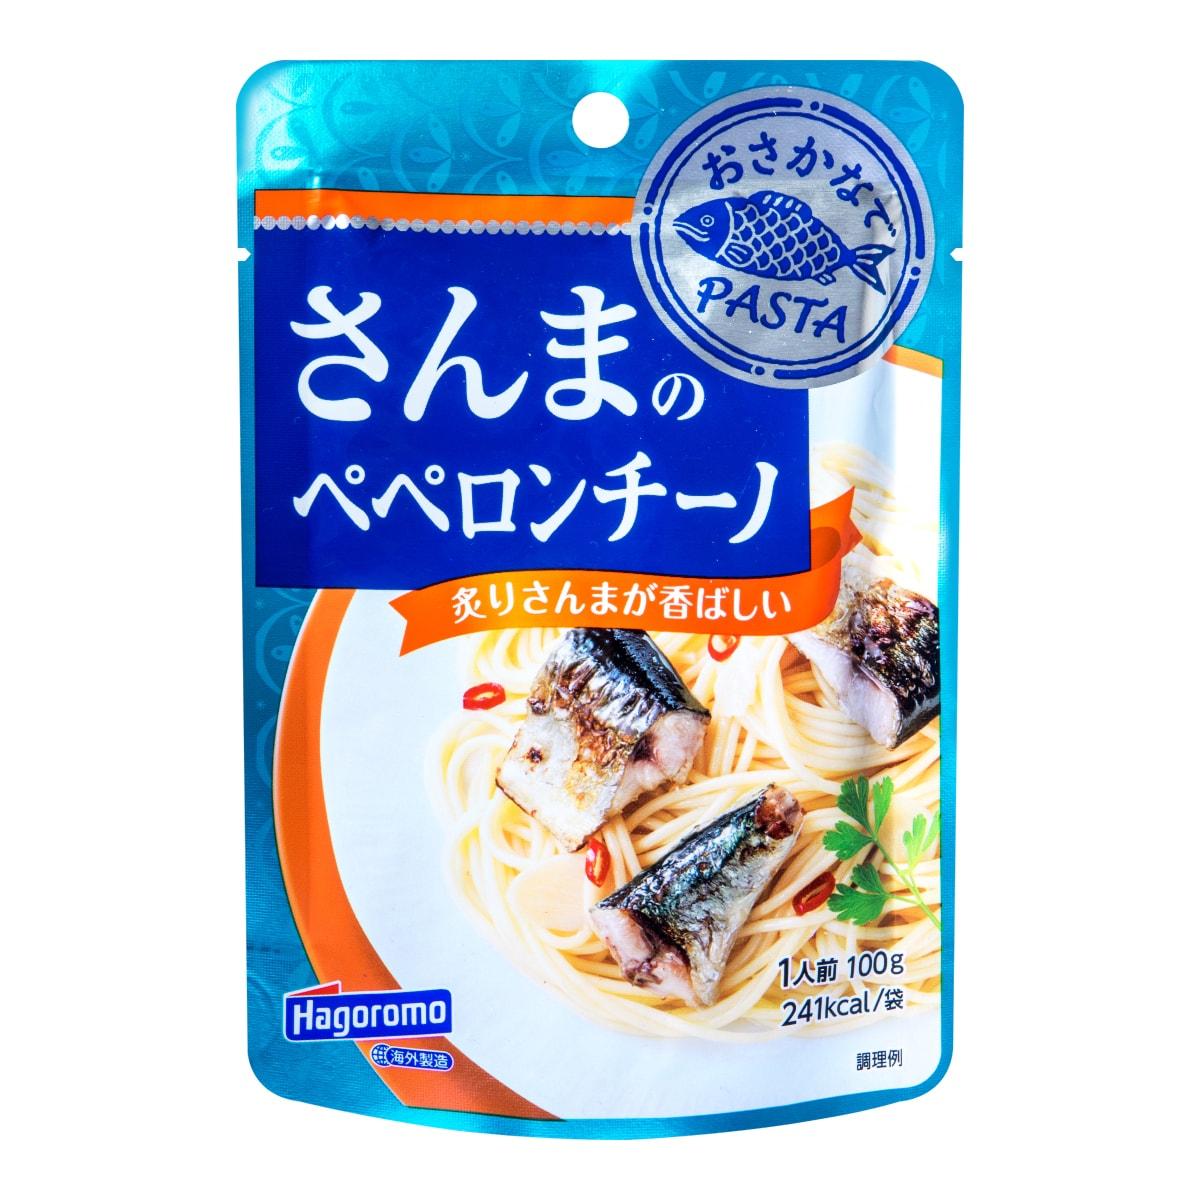 日本HAGOROMO 柠香秋刀鱼意面酱 100g